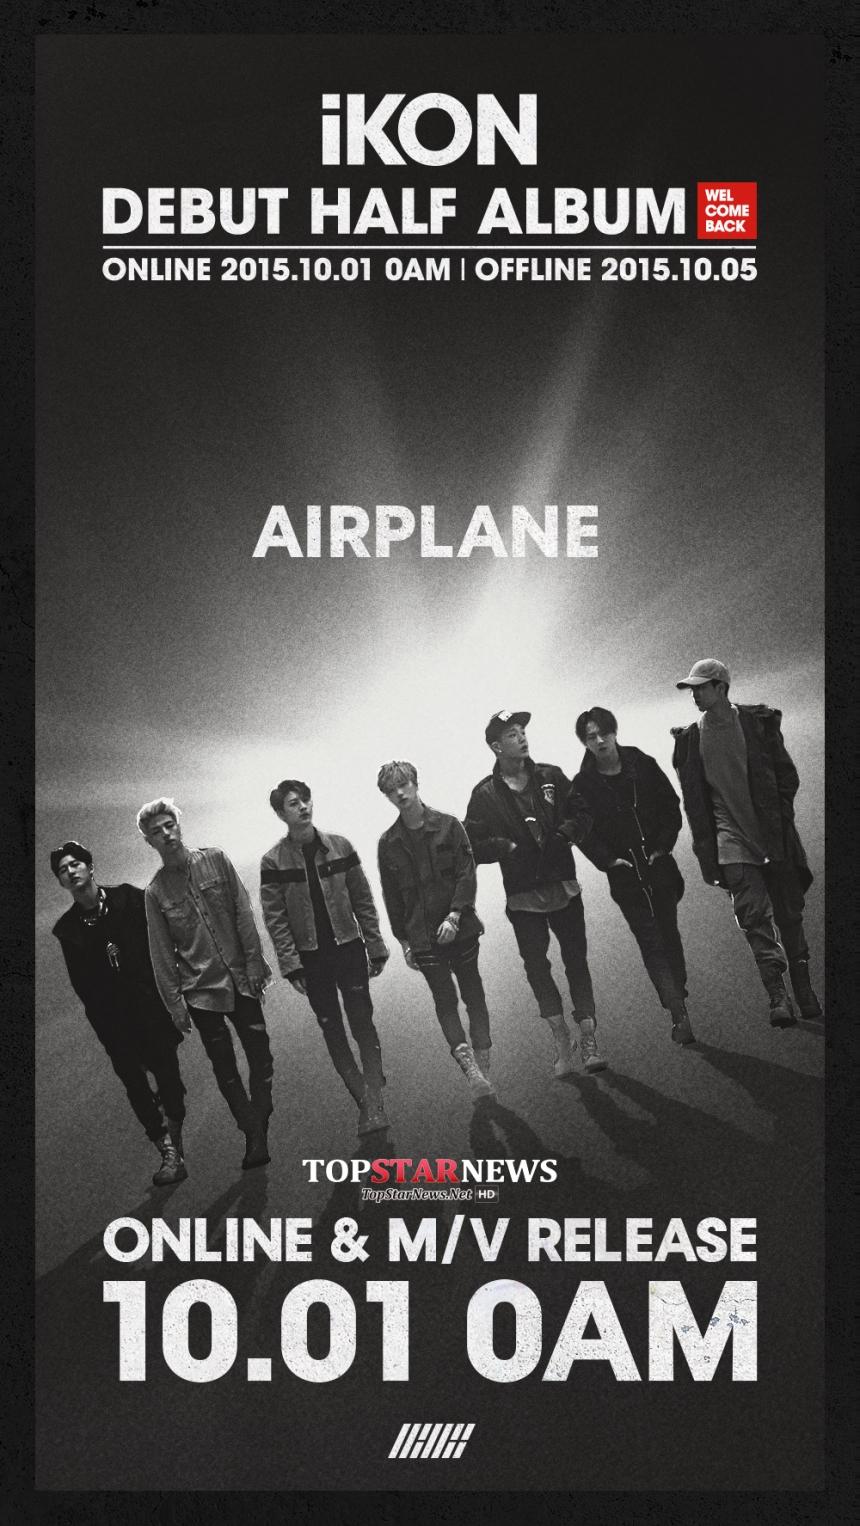 第二首歌則是抒情的《Airplane》同時發表了MV。結果當然又空降第一!在itunes榜單上稱霸11國的冠軍寶座呢~